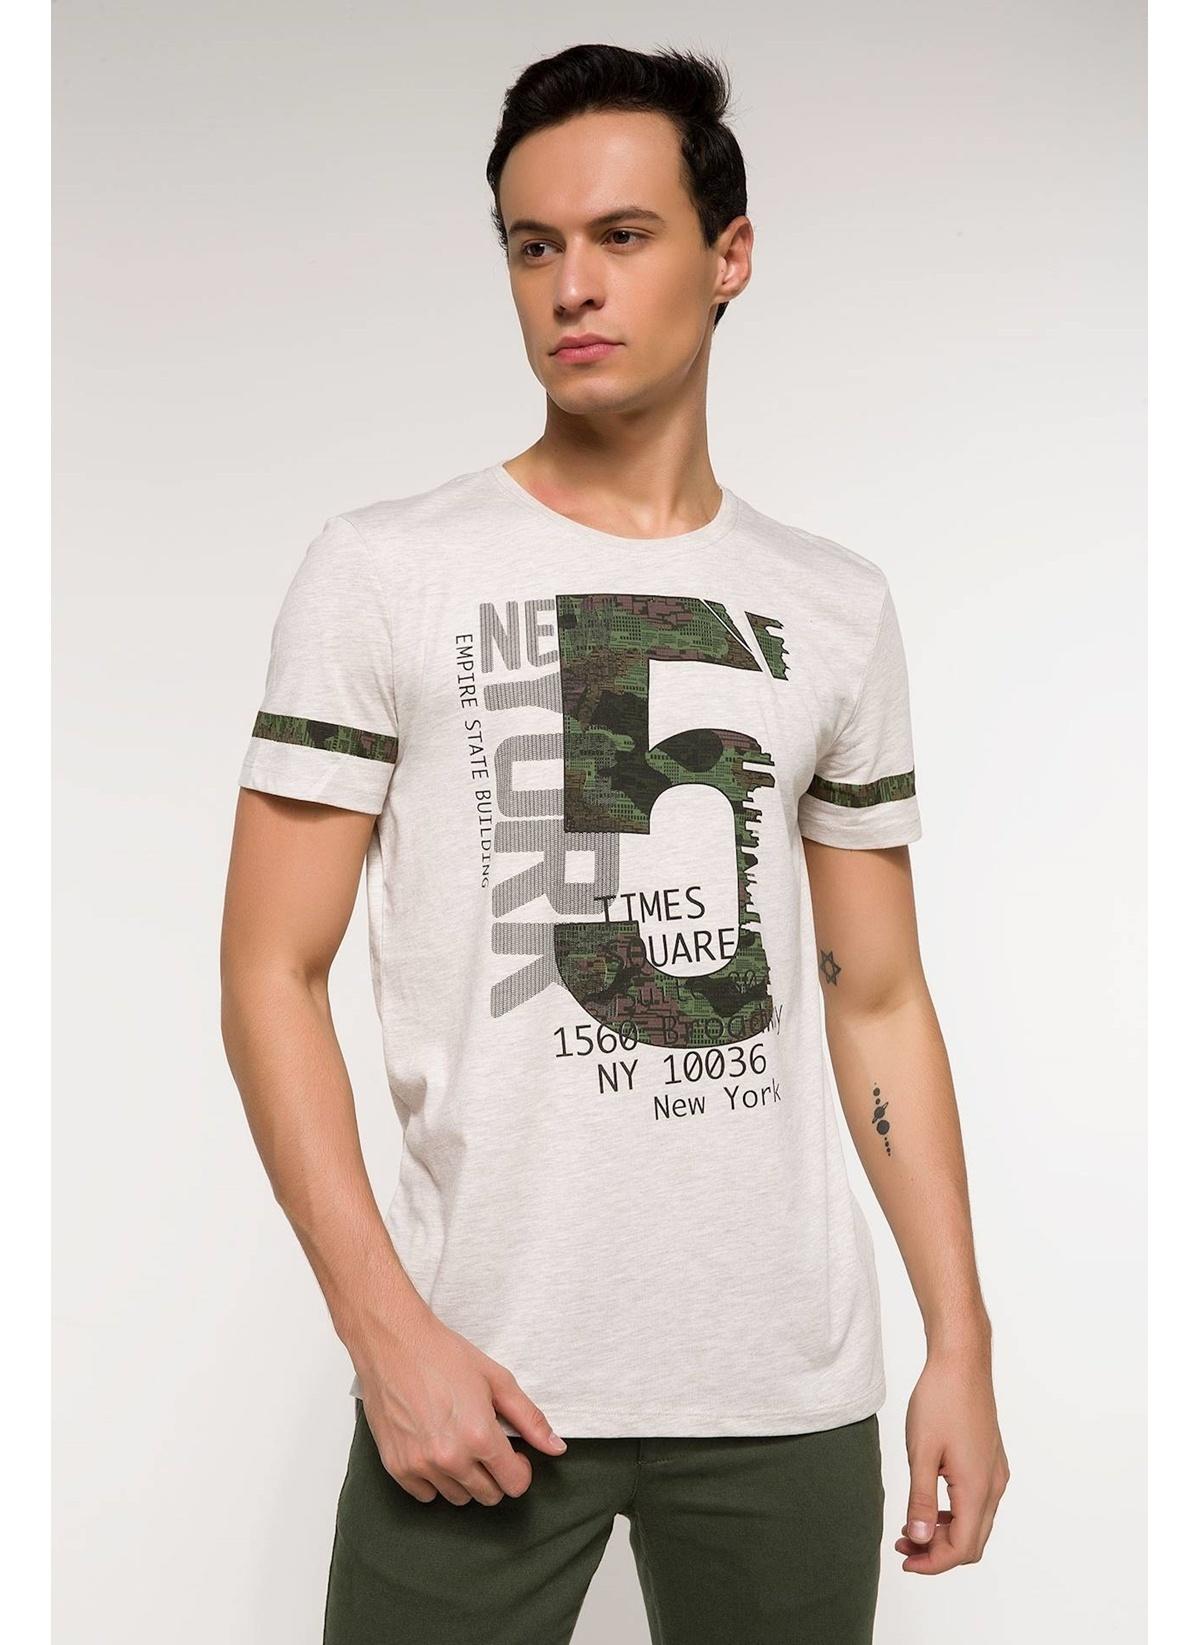 Defacto Long Fit Baskılı T-shirt I1516az18smbg300t-shirt – 19.99 TL